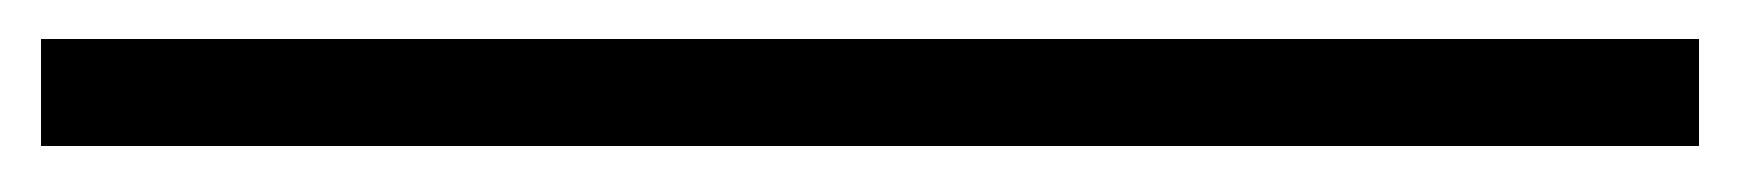 ZeroCO2 2020 Logos